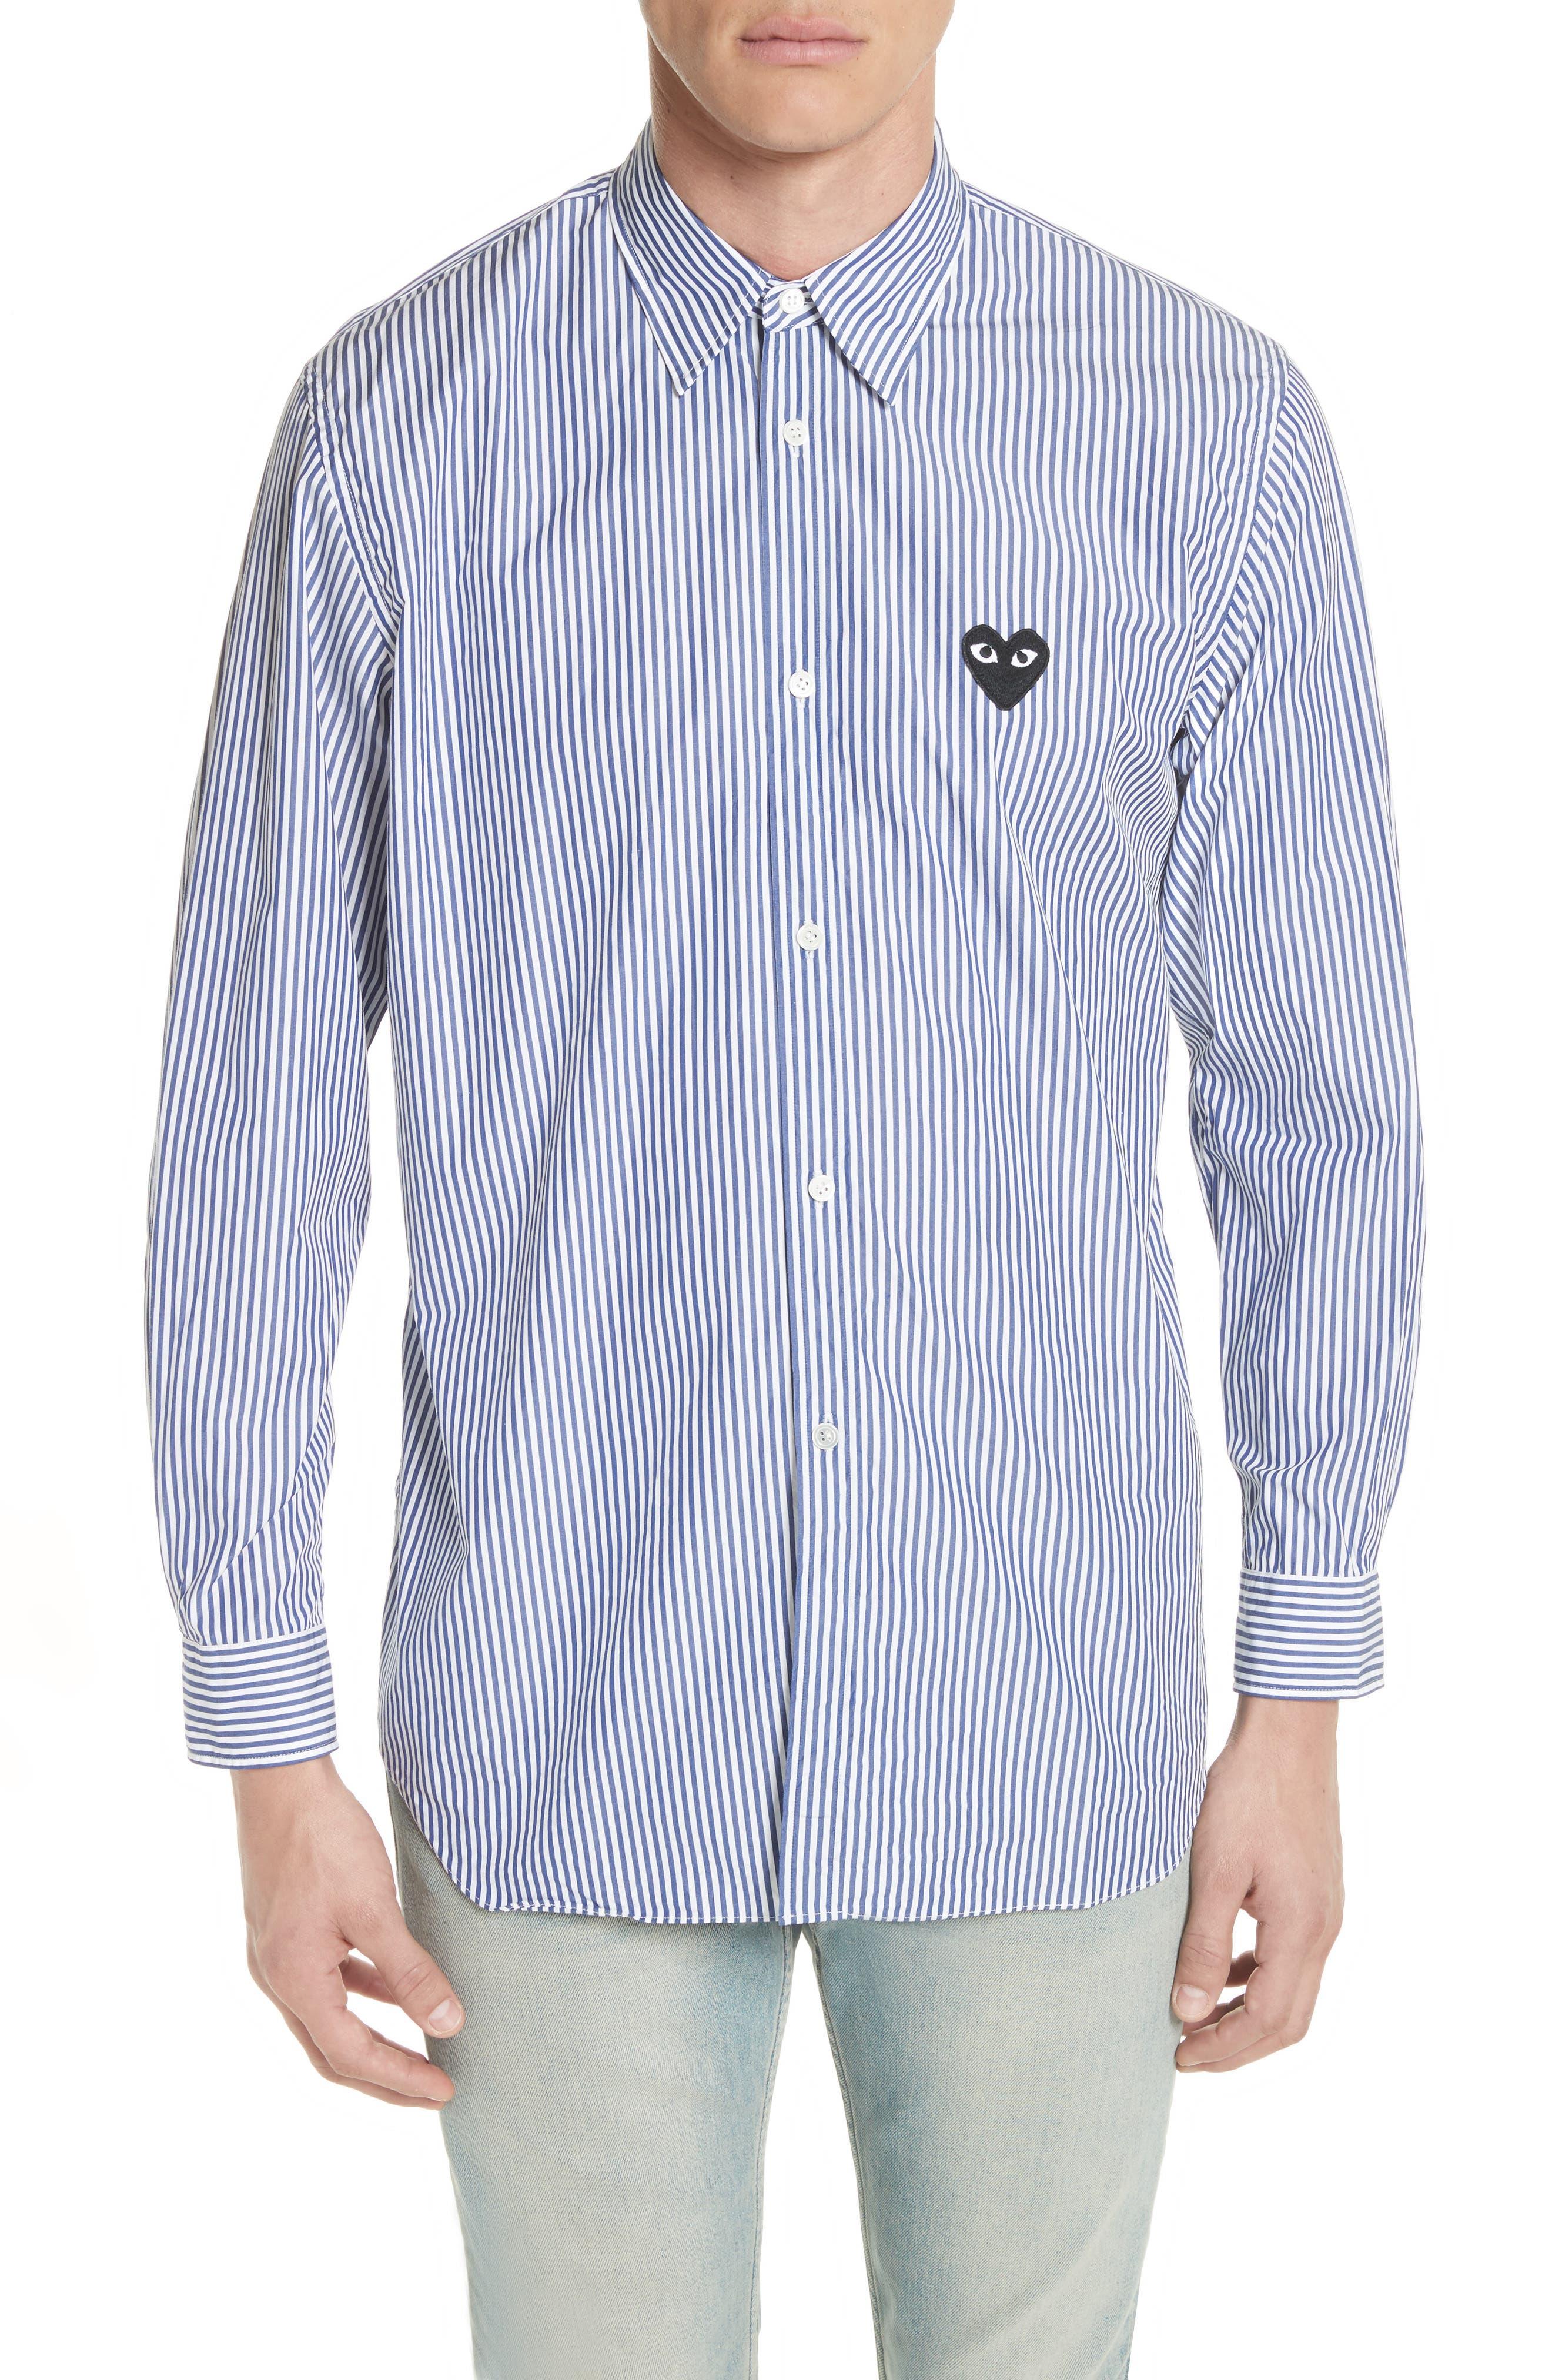 COMME DES GARÇONS PLAY, Stripe Woven Shirt, Main thumbnail 1, color, BLUE